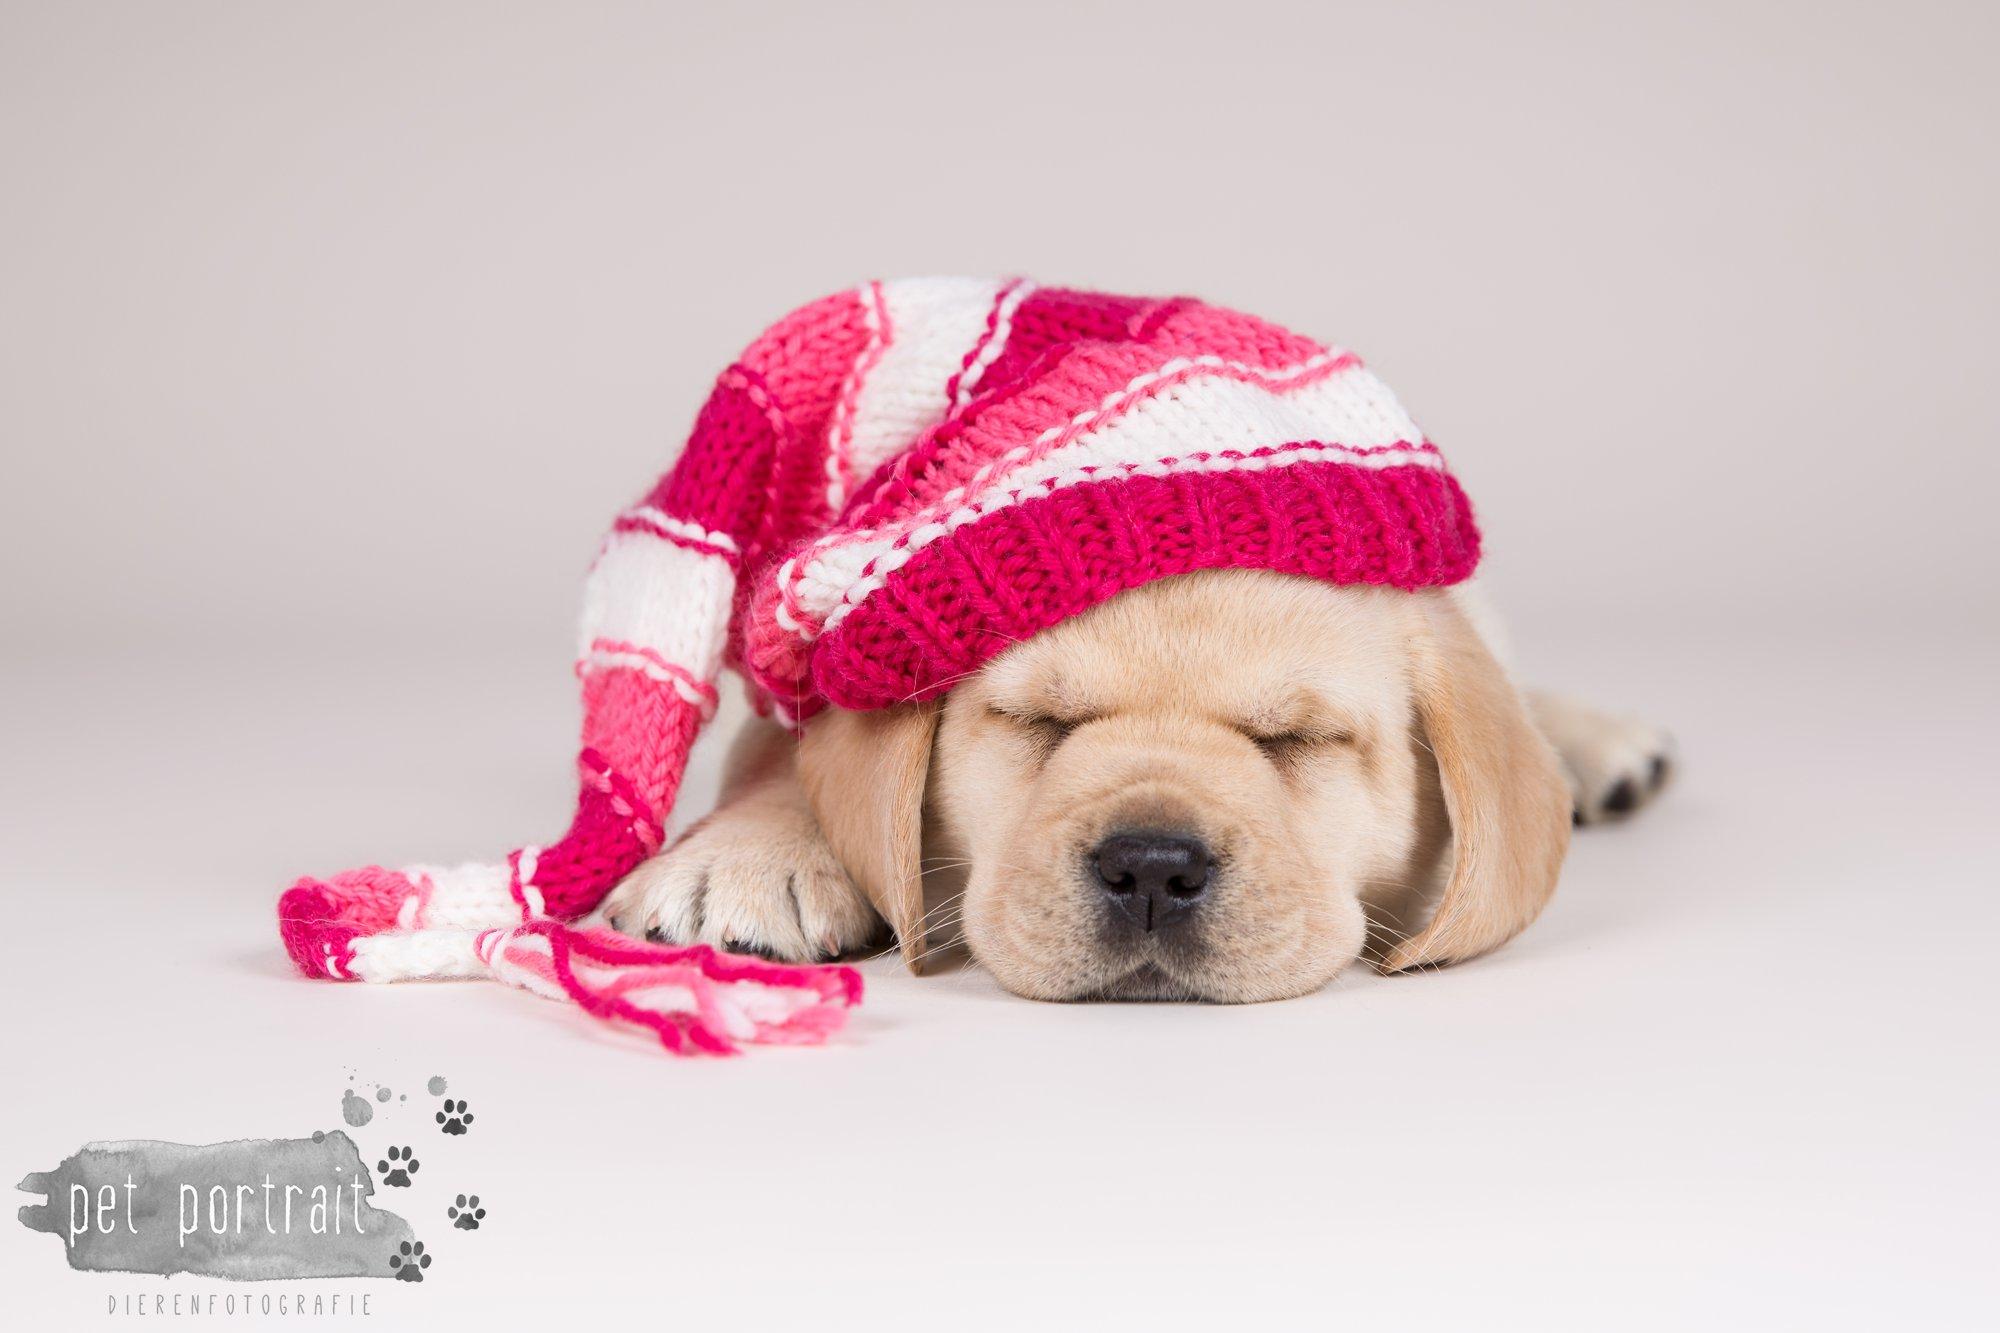 Hondenfotograaf Hillegom - Nestfotoshoot voor Labrador pups-14